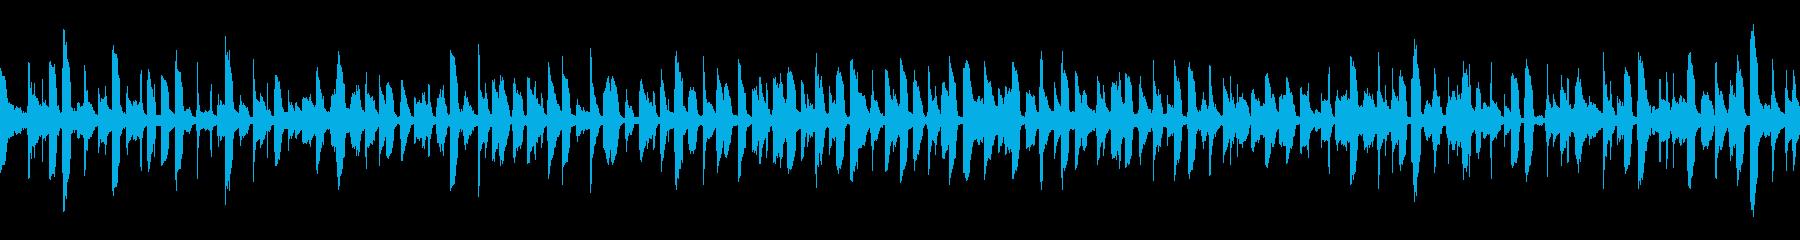 クラブループ: 鍵盤のジャジーで大人な曲の再生済みの波形